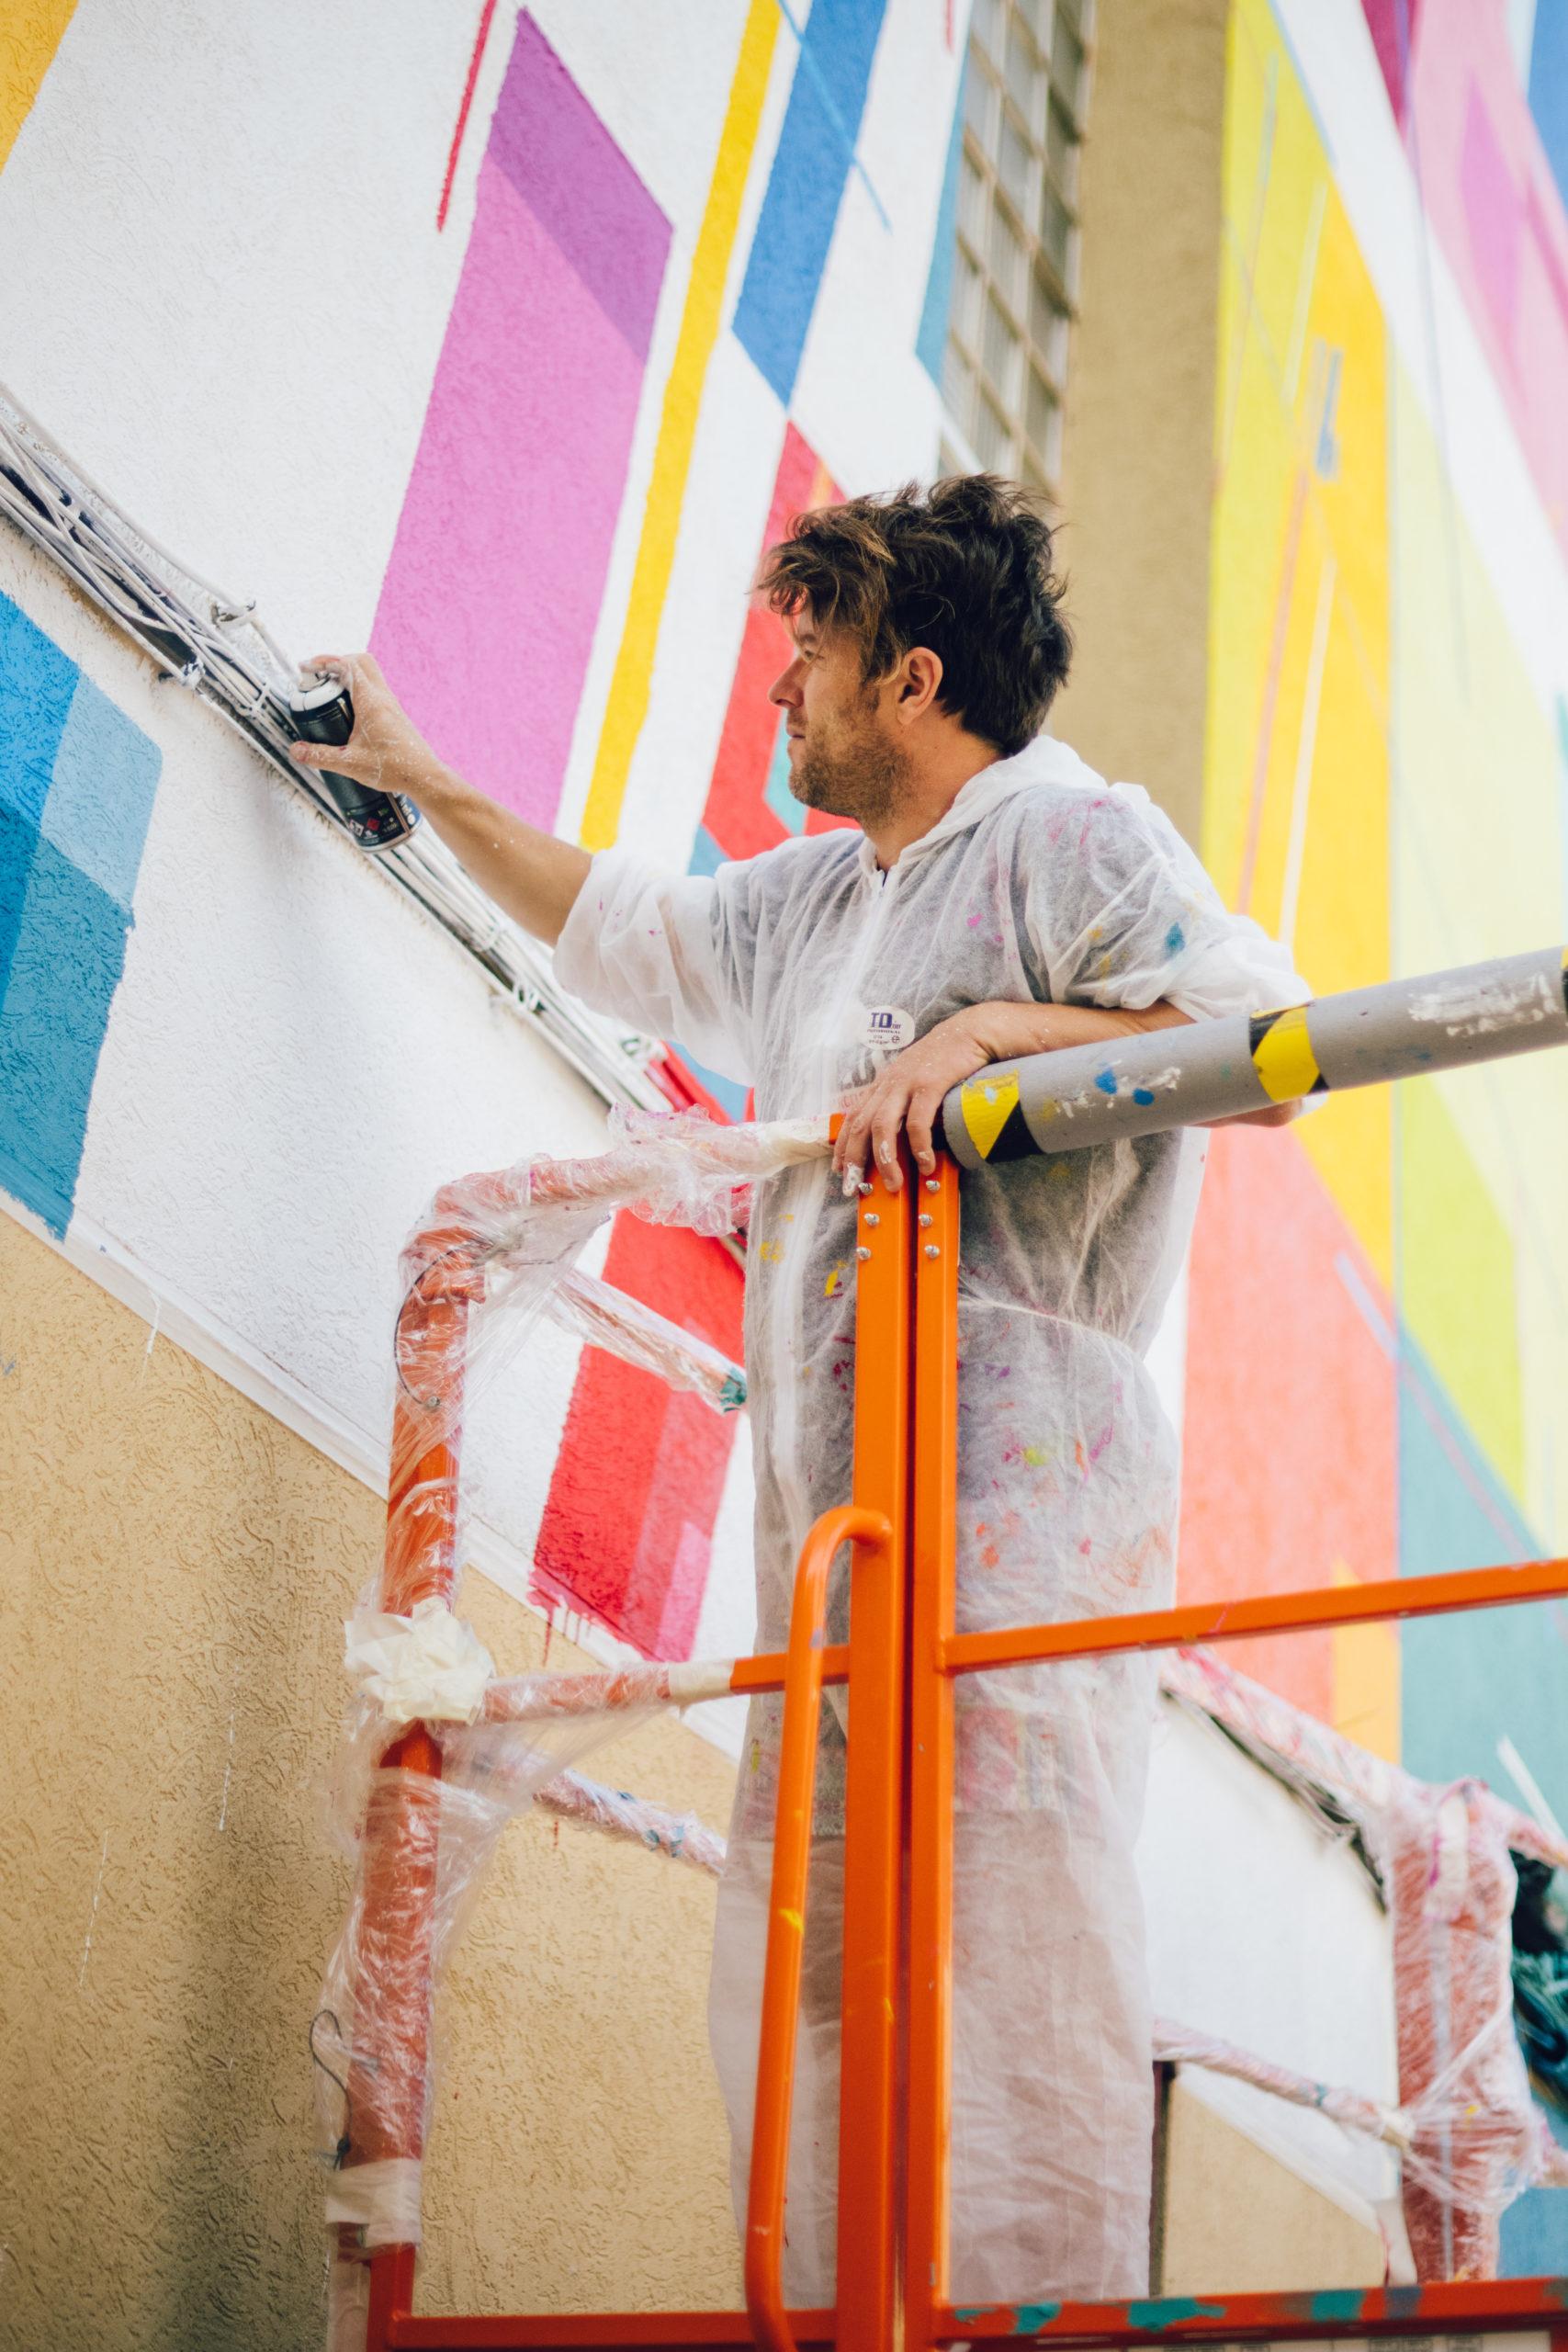 Artista Kenor pintando mural